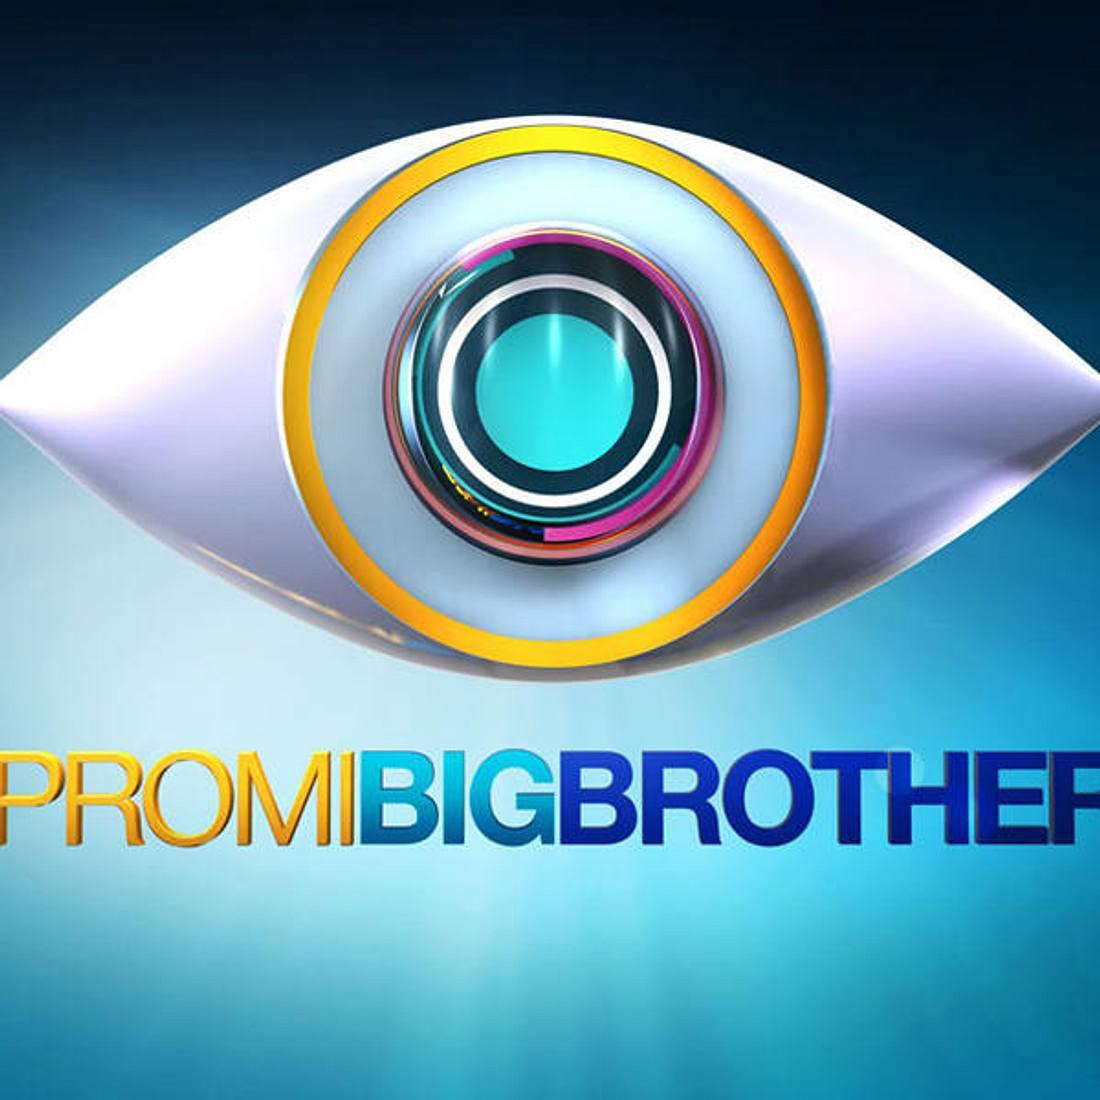 Promi Big Brother 2016: Mit diesen neuen Regeln überrascht Sat.1 die Bewohner!